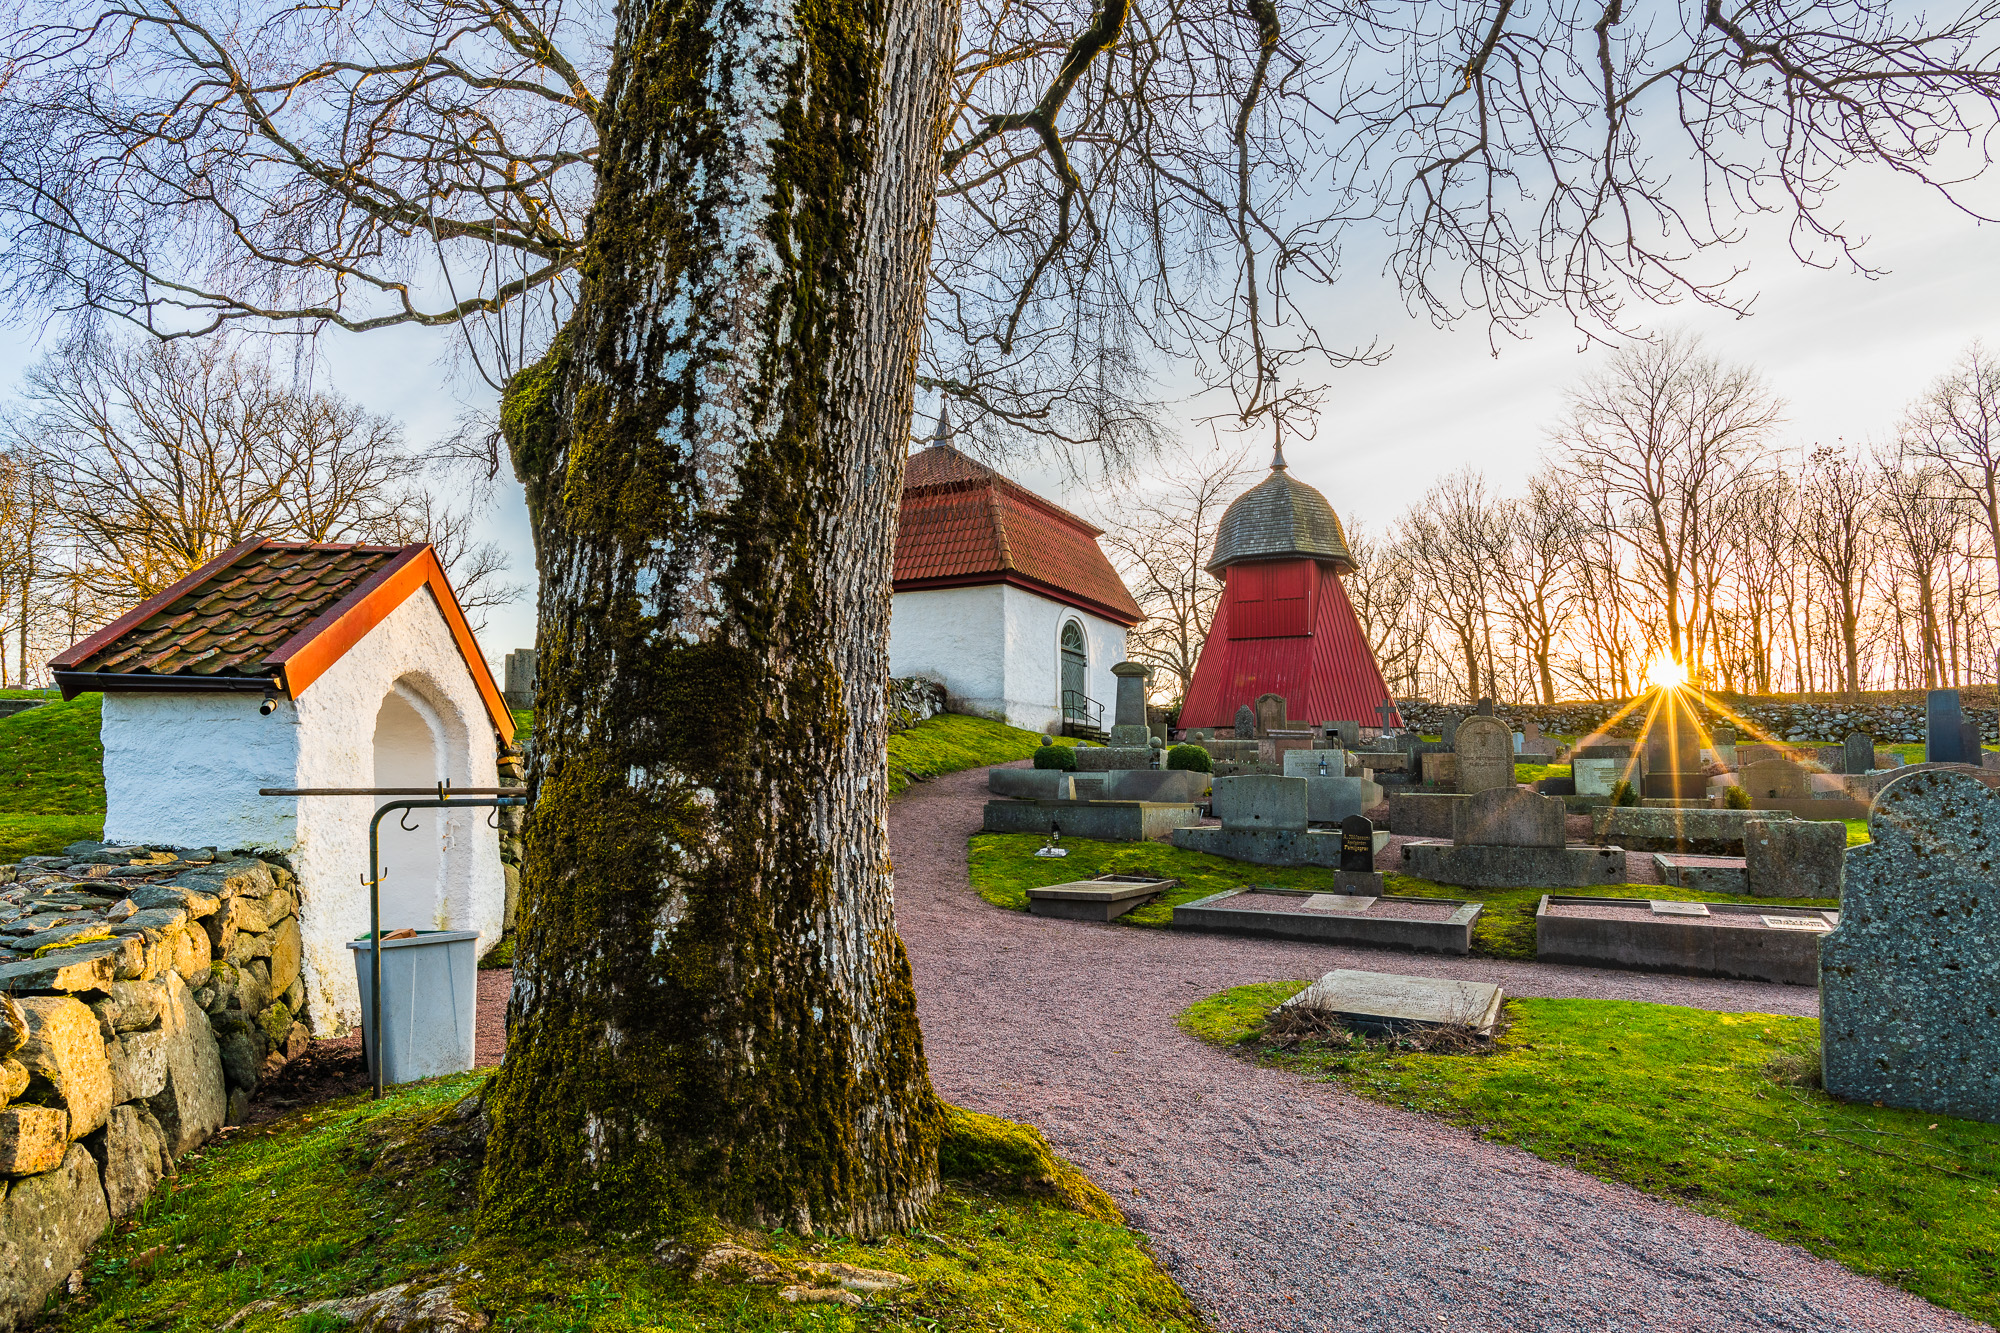 Kållereds kyrka, Mölndal. Foto: Mikael Svensson, www.mikaelsvensson.com